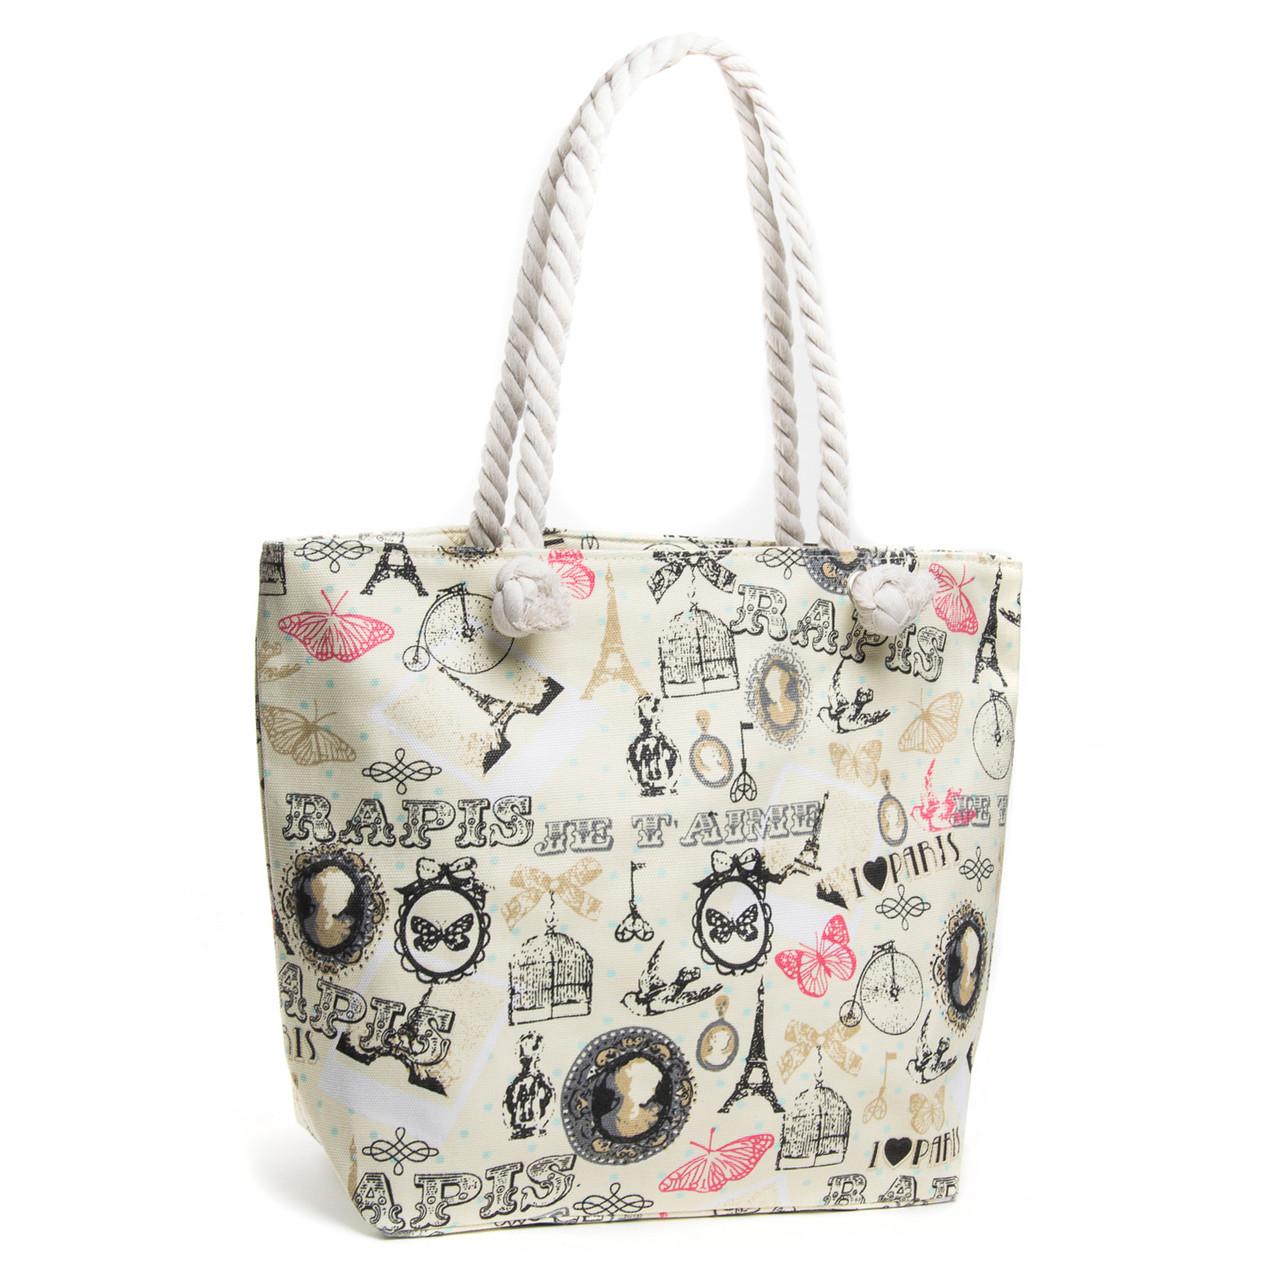 Пляжная сумка женская ручки канаты модная летняя с принтом Париж бежевая 5015-7